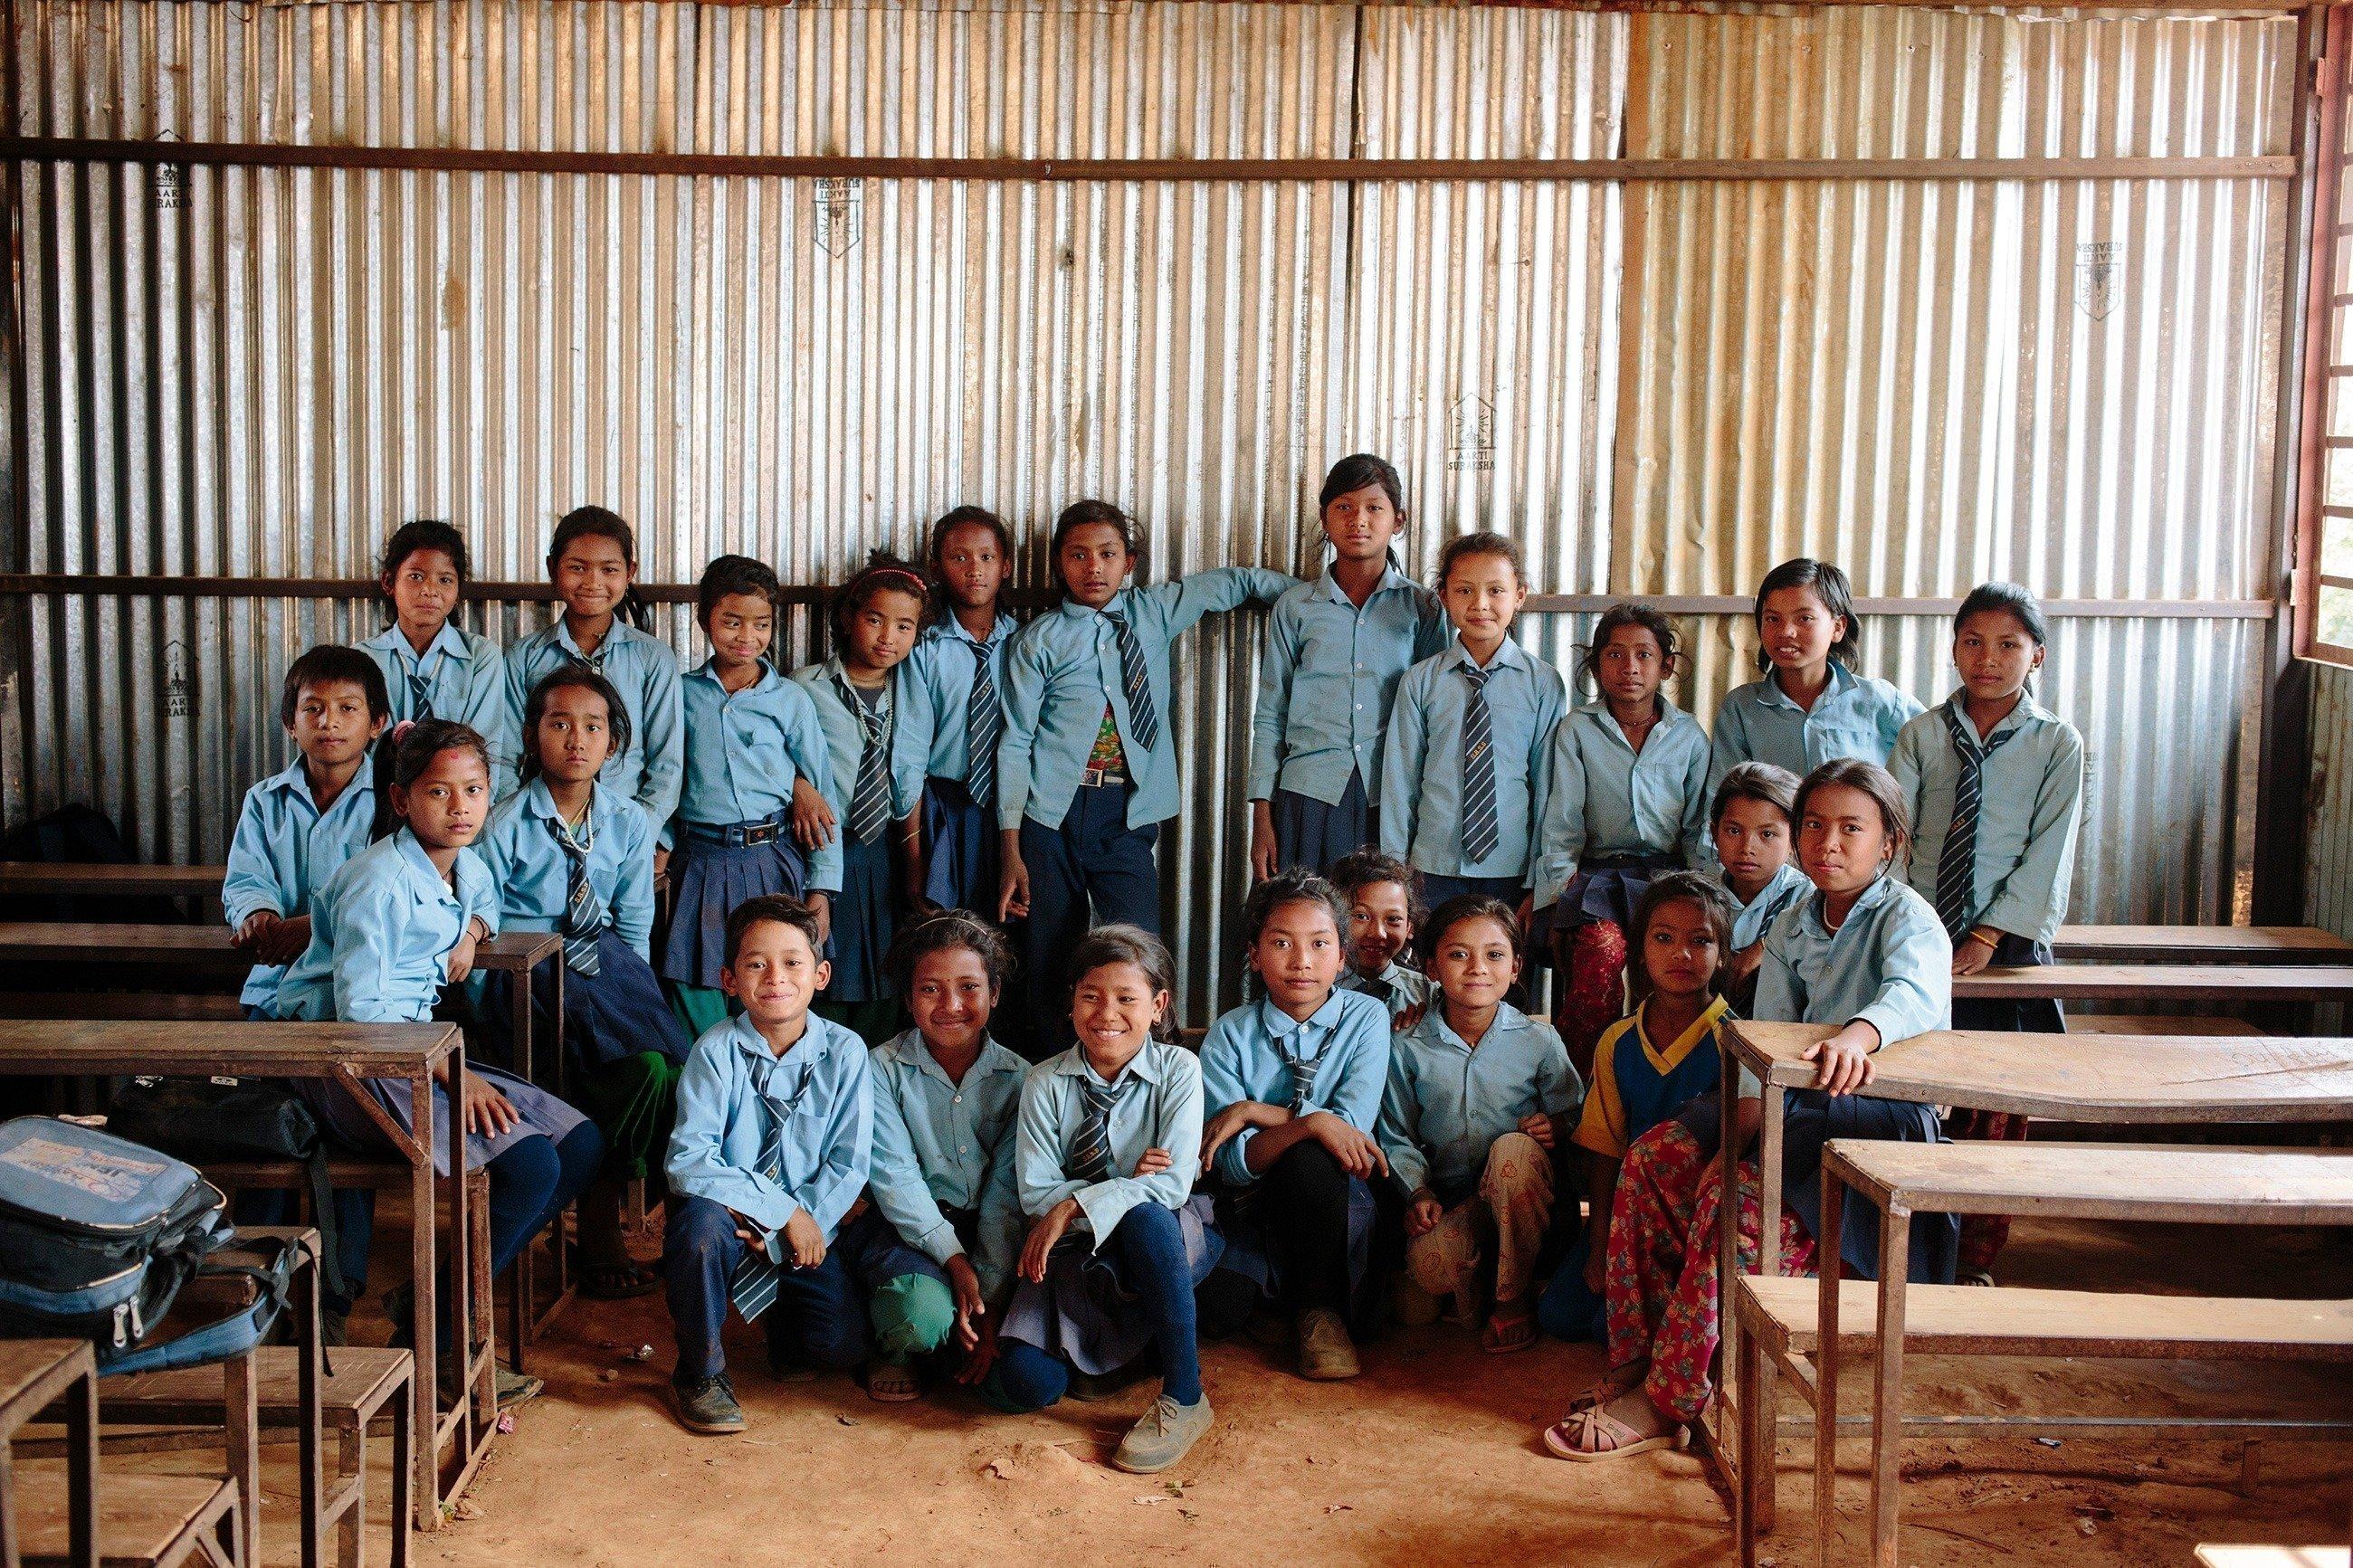 Une photo de classe.